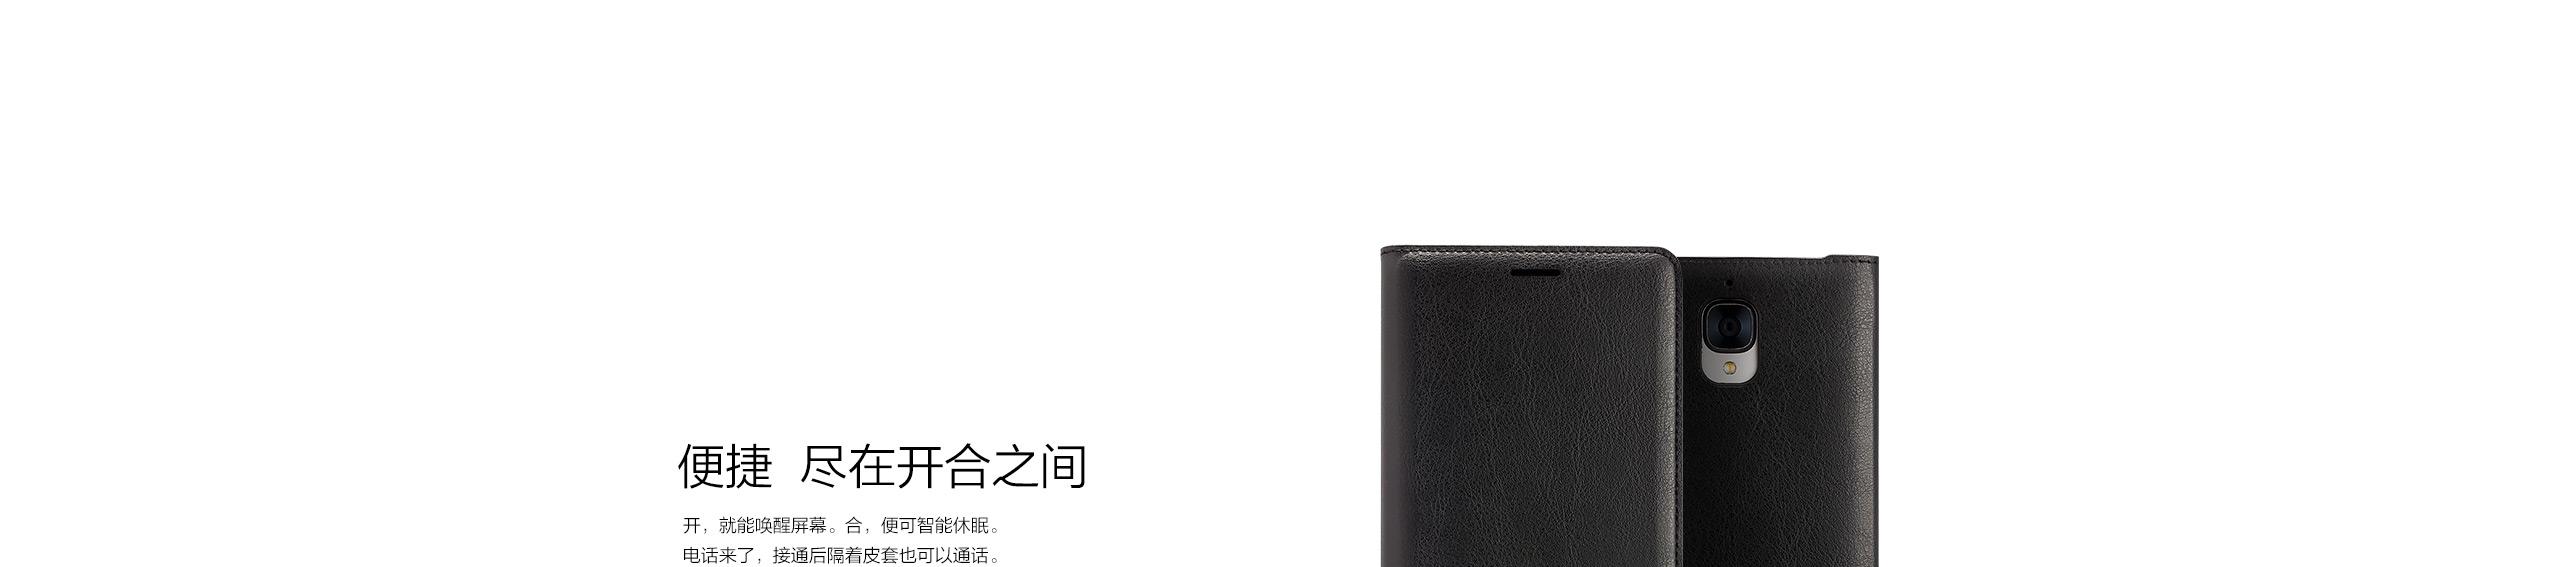 一加手机3保护套(黑色)15